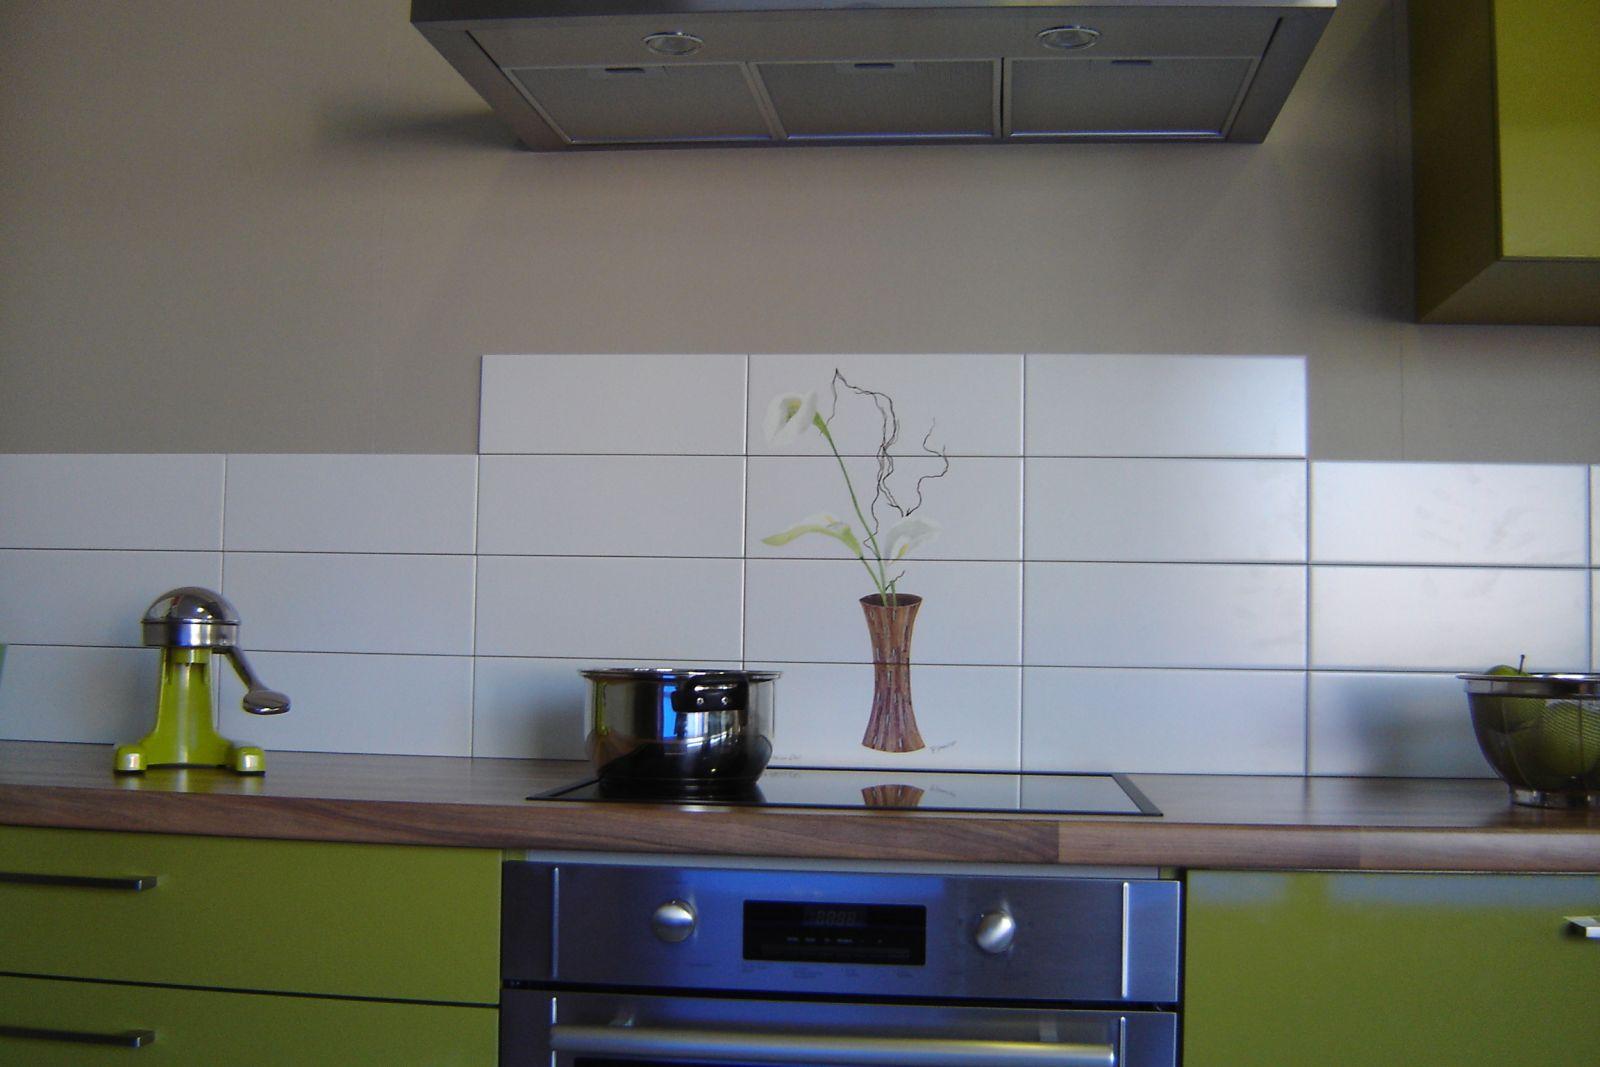 Faience Cuisine Moderne 2014 - Décoration de maison idées de design ...